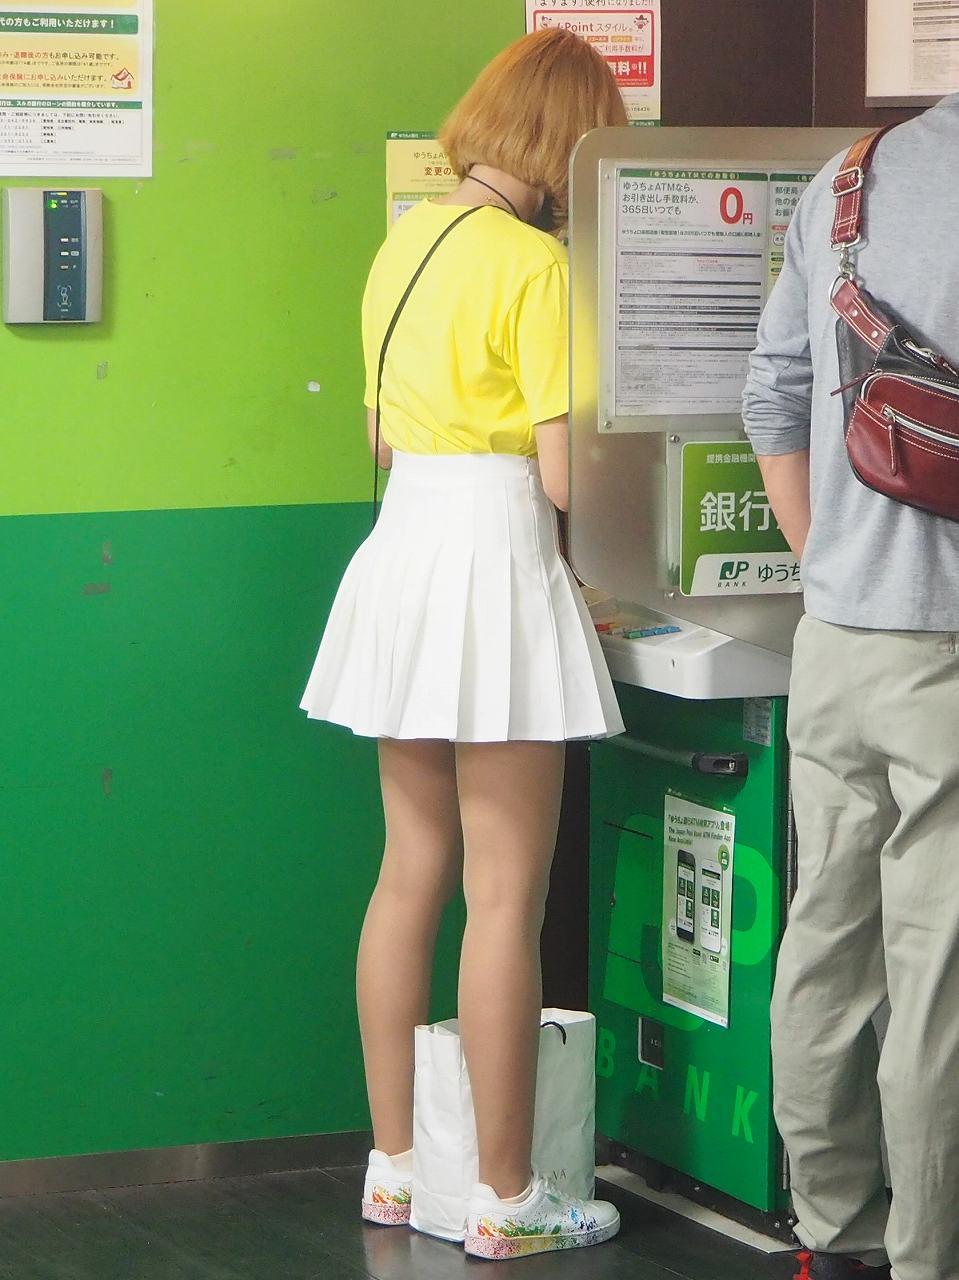 銀行のATMにたギャル女性の美脚を撮影!